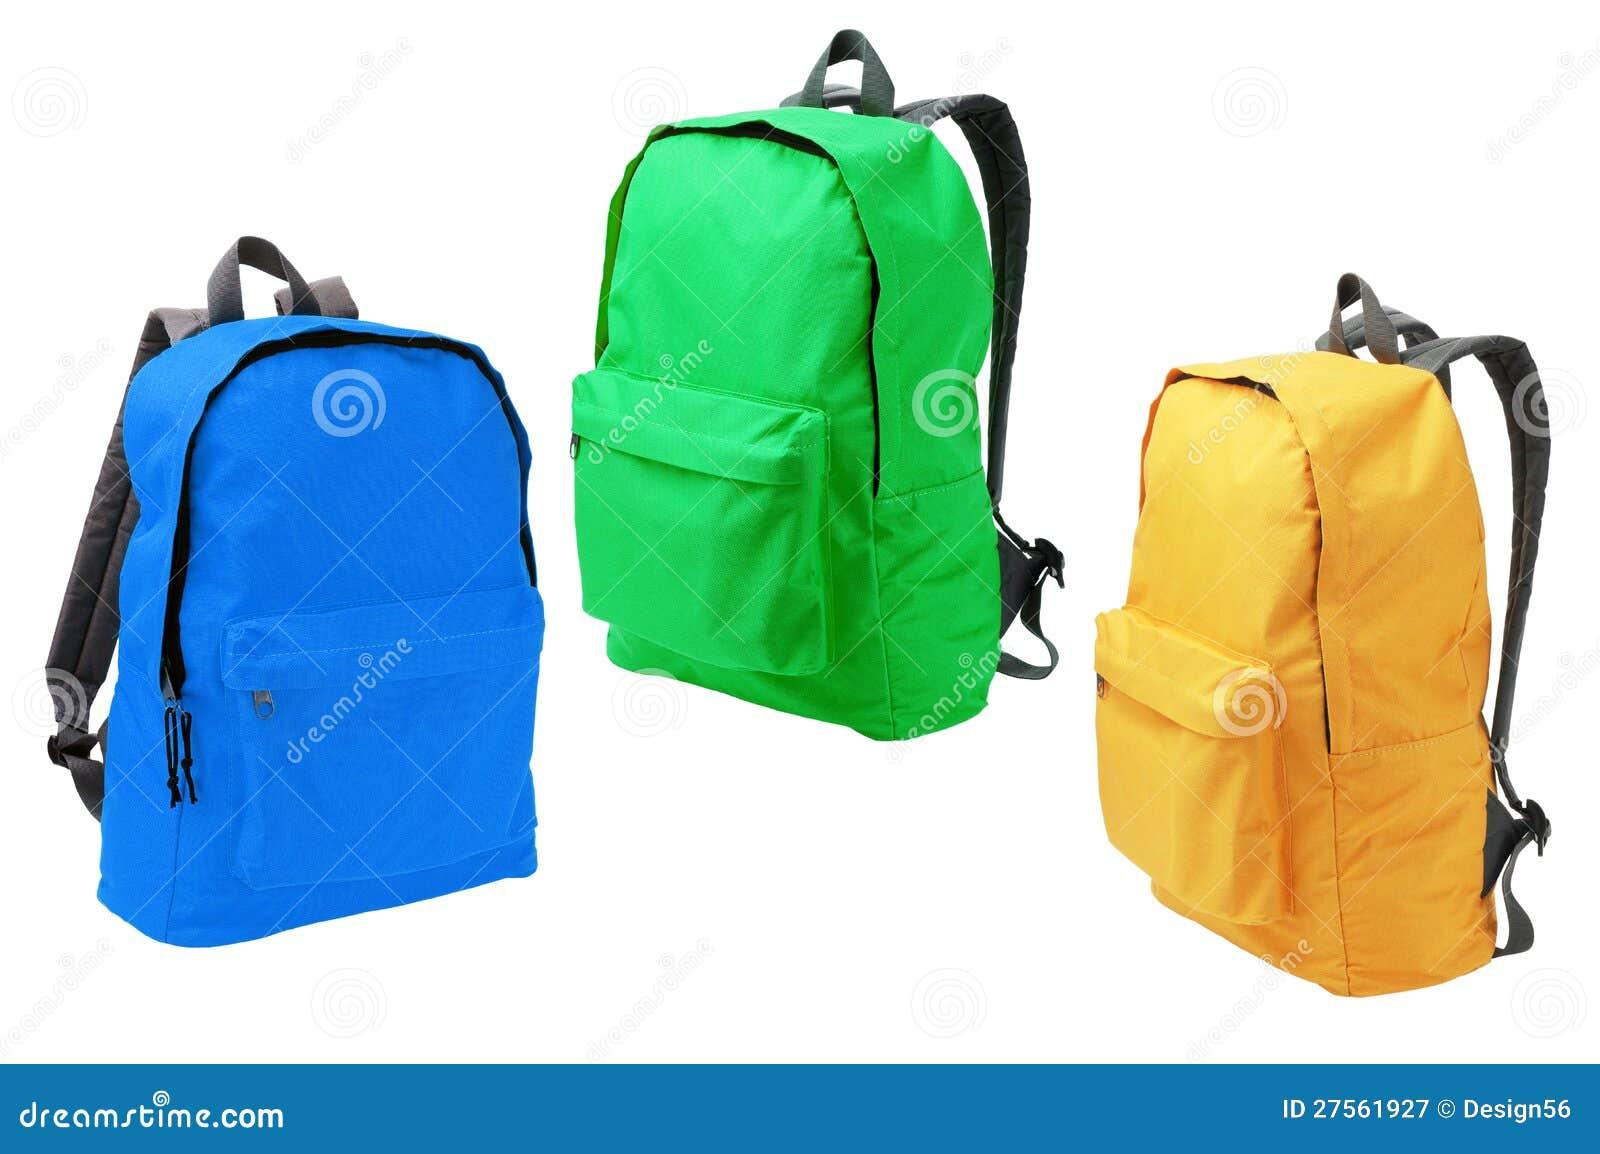 3 Backpacks